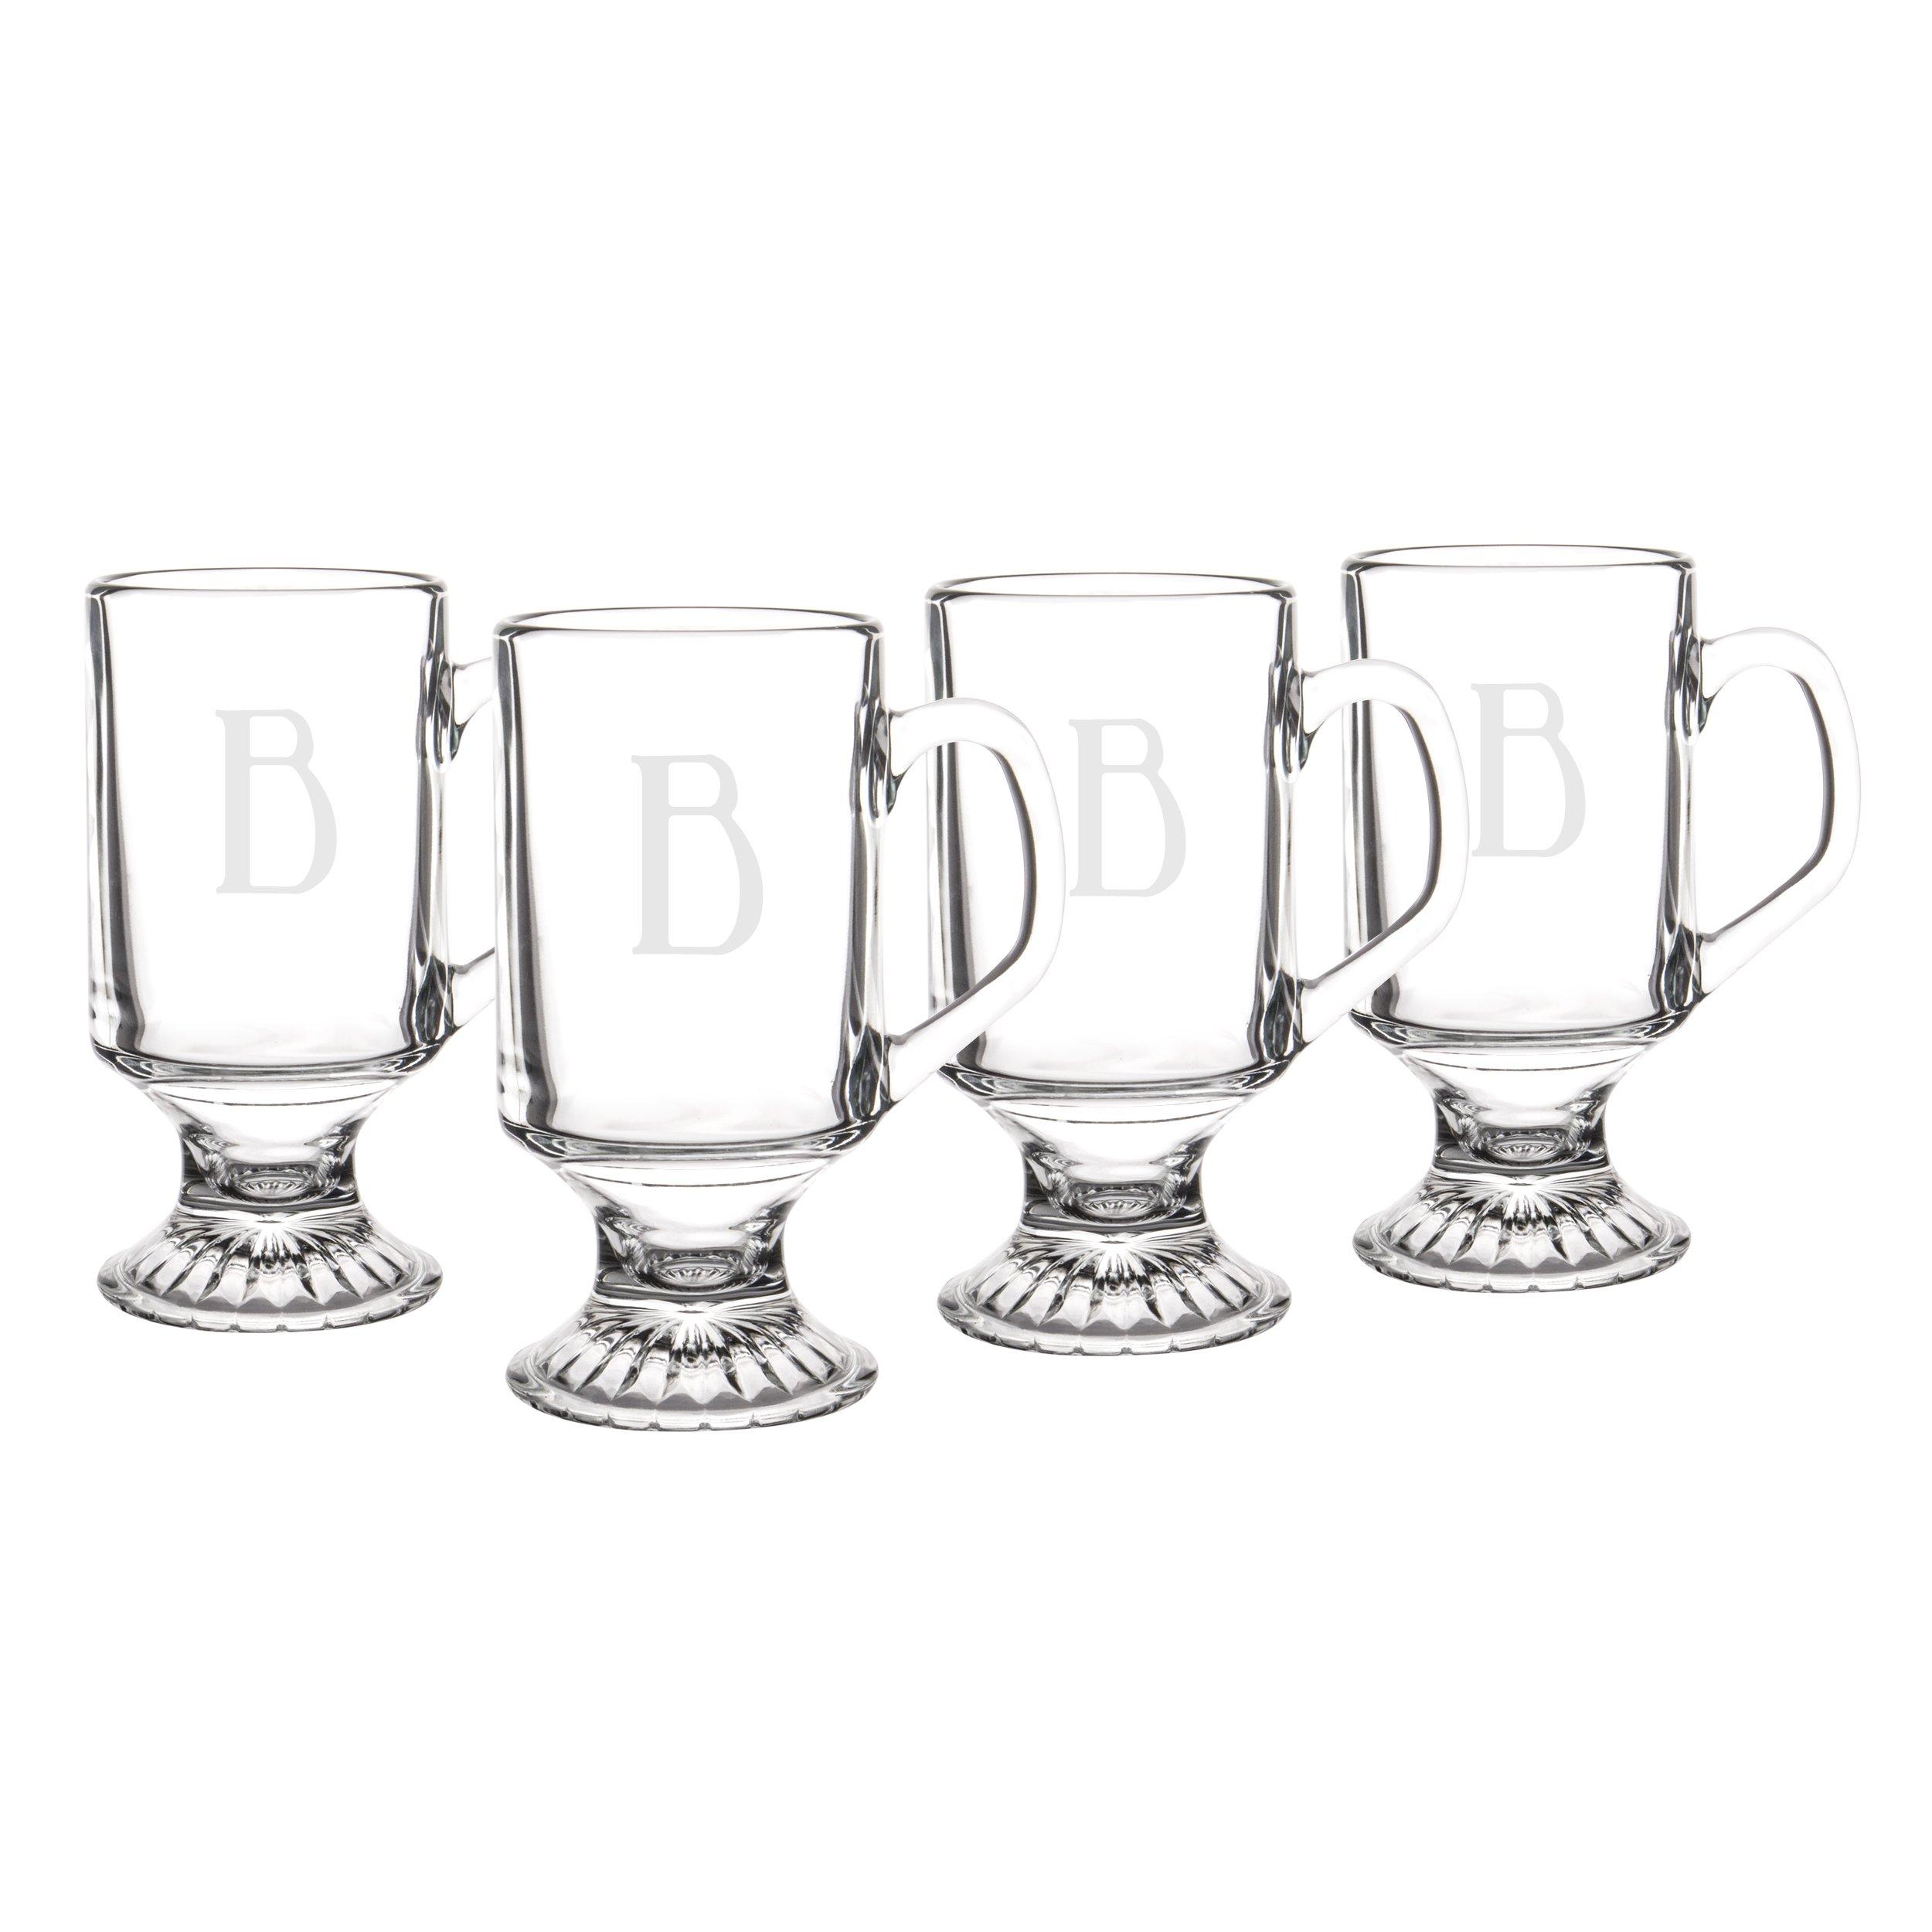 Personalized Irish Glass Coffee Mugs, Set of 4, Letter B